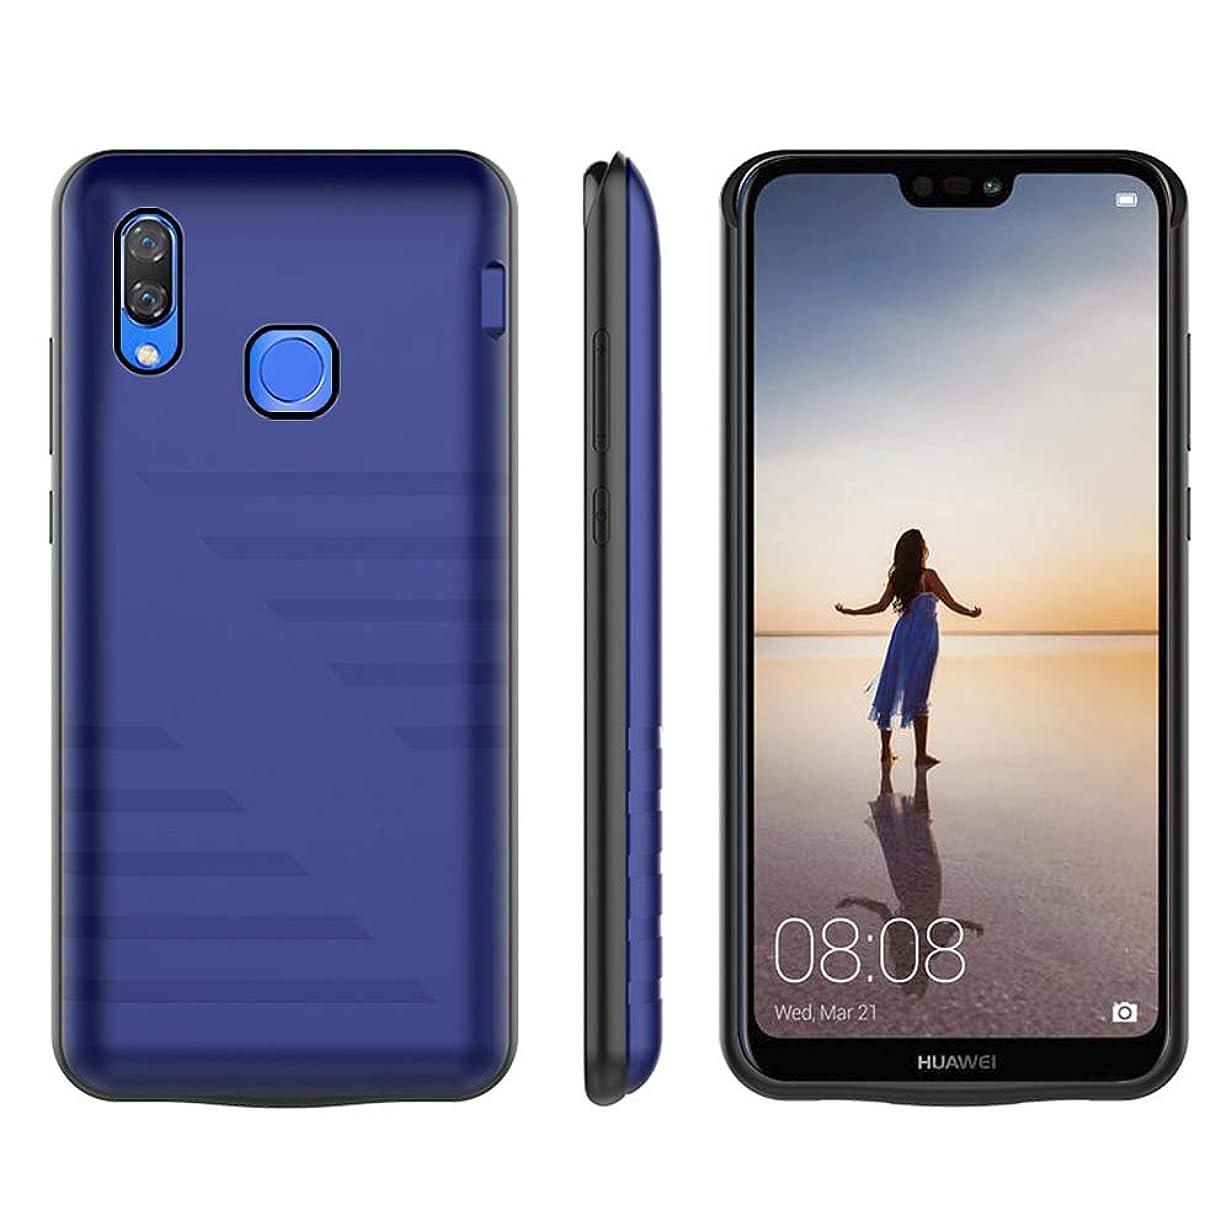 病者ようこそ見てMoonmini Huawei Nova 3e 5000mAh バッテリー内蔵ケース対応、5000mAh 超大容量 バッテリーケース 充電ケース 充電器 薄型 軽量 急速充電 ケース型バッテリー 超便利 Huawei Nova 3e 5000mAh適応battery case-Blue